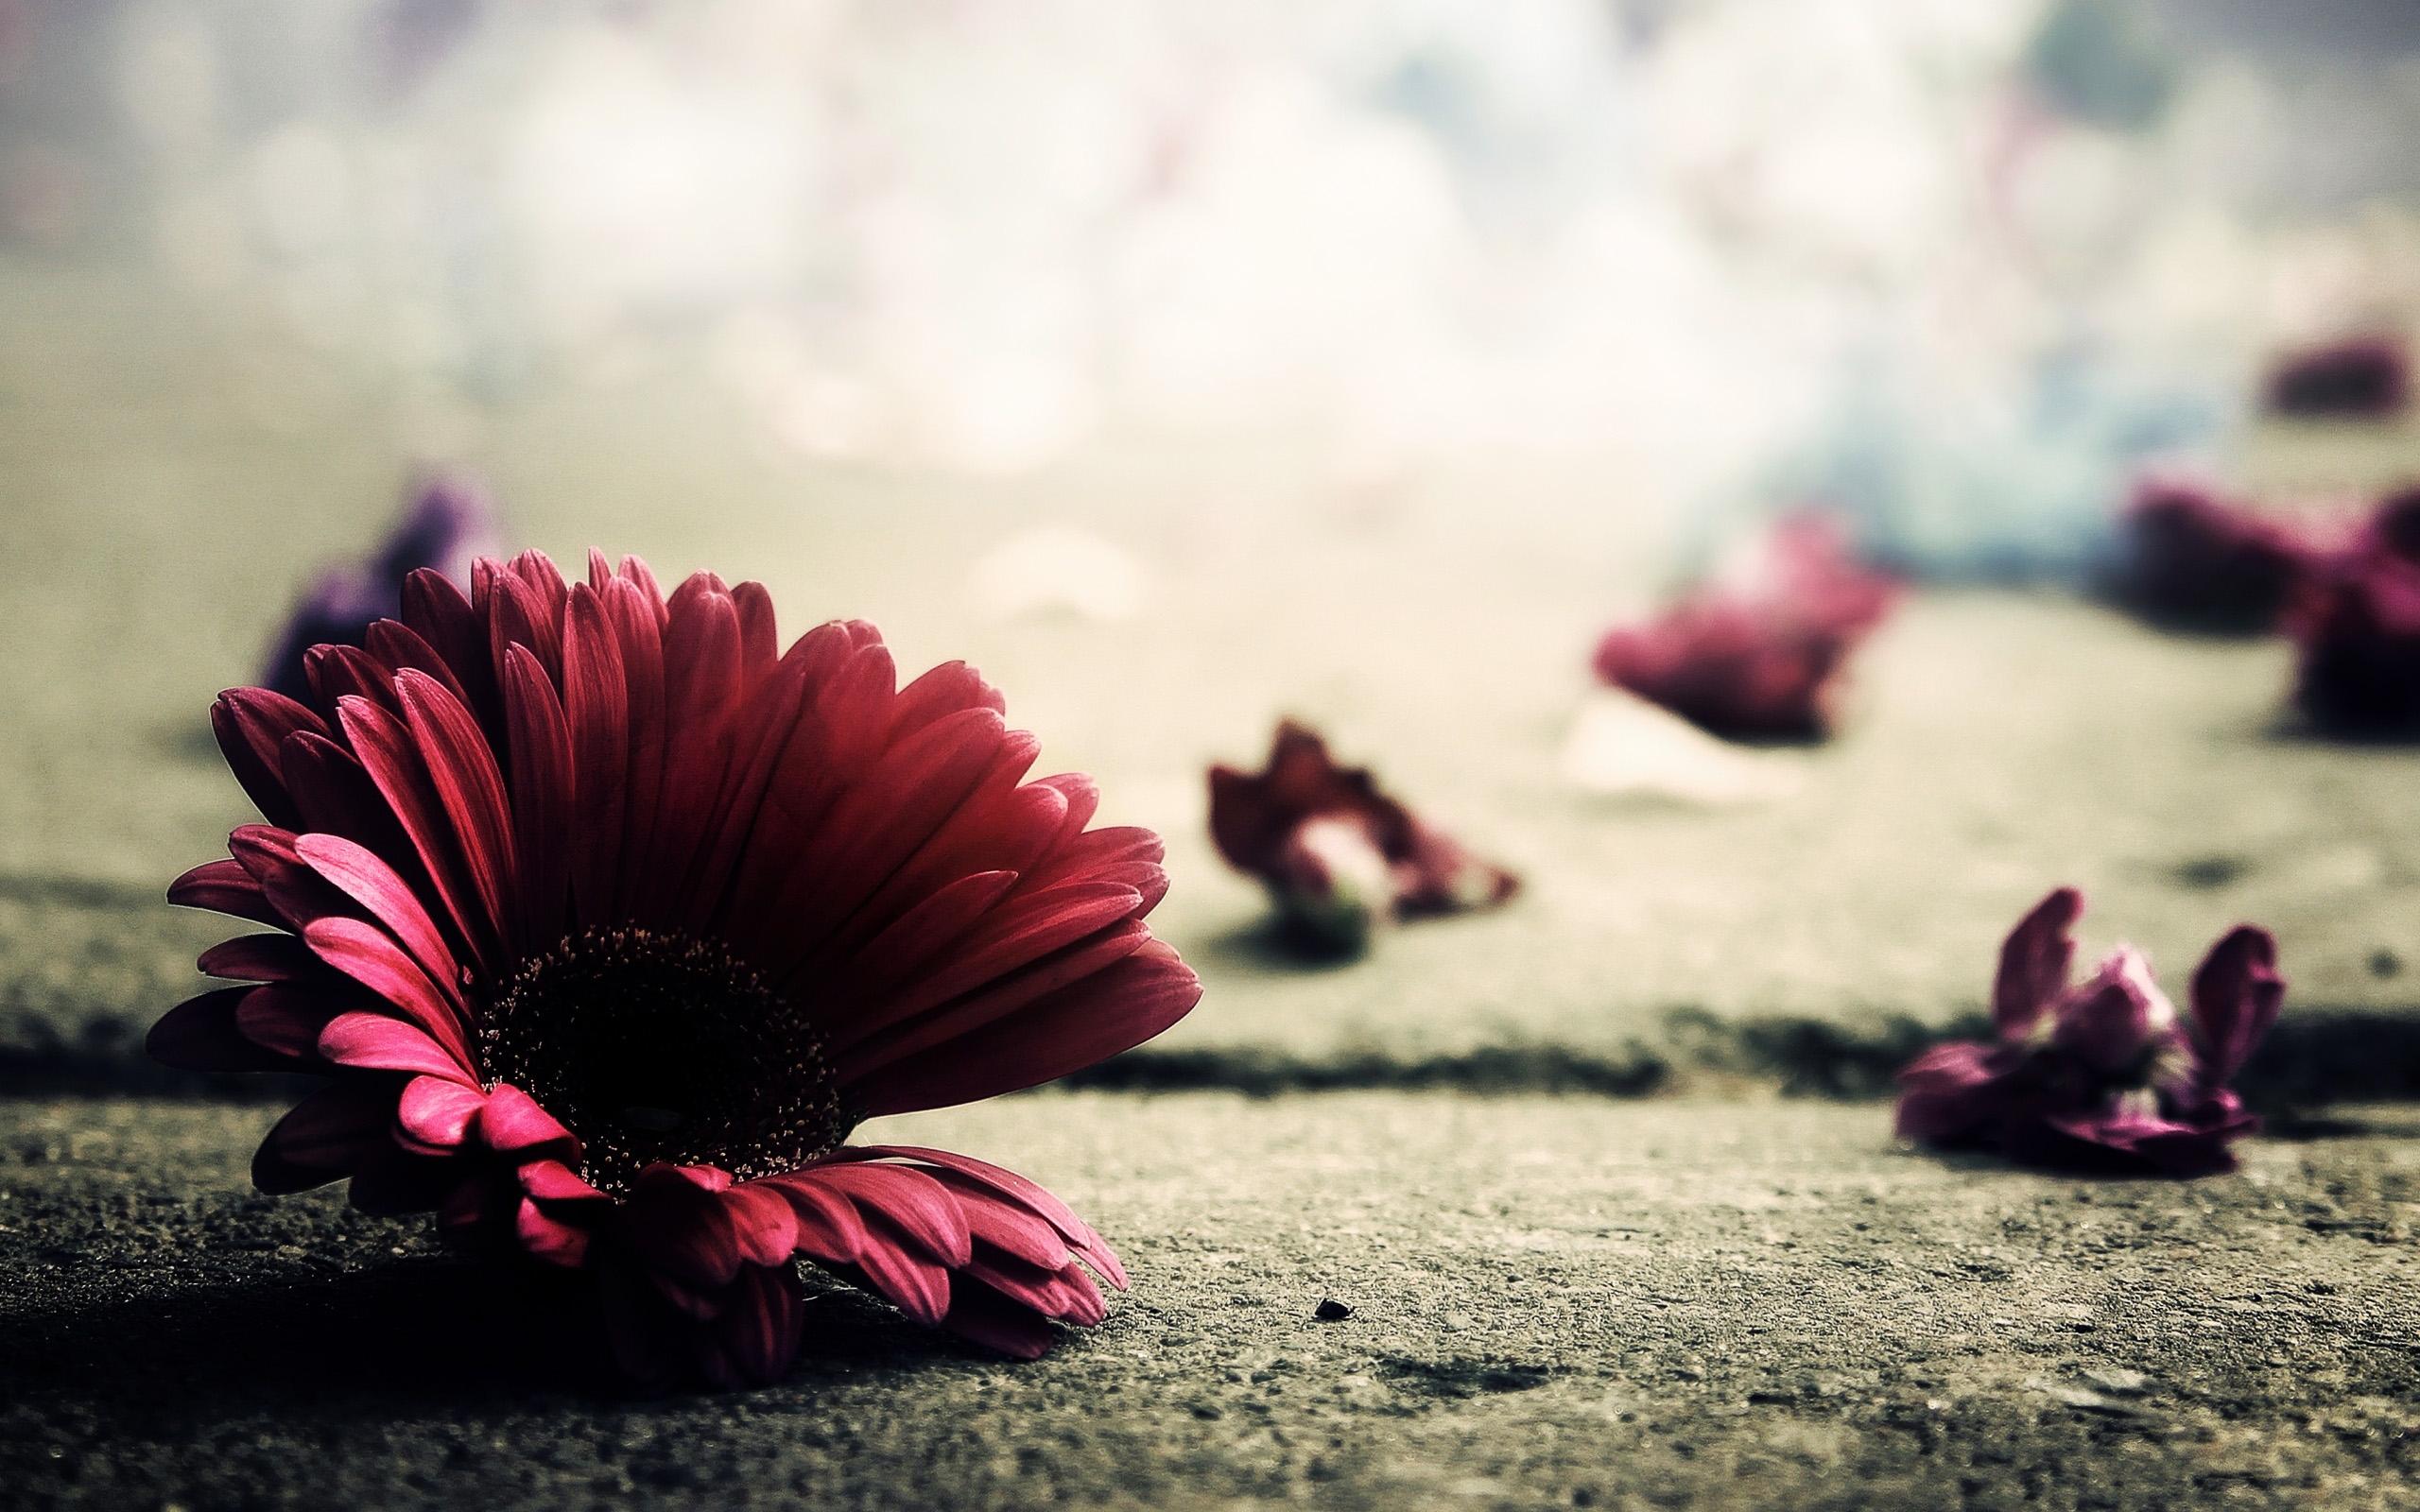 6910465-petal-fallen